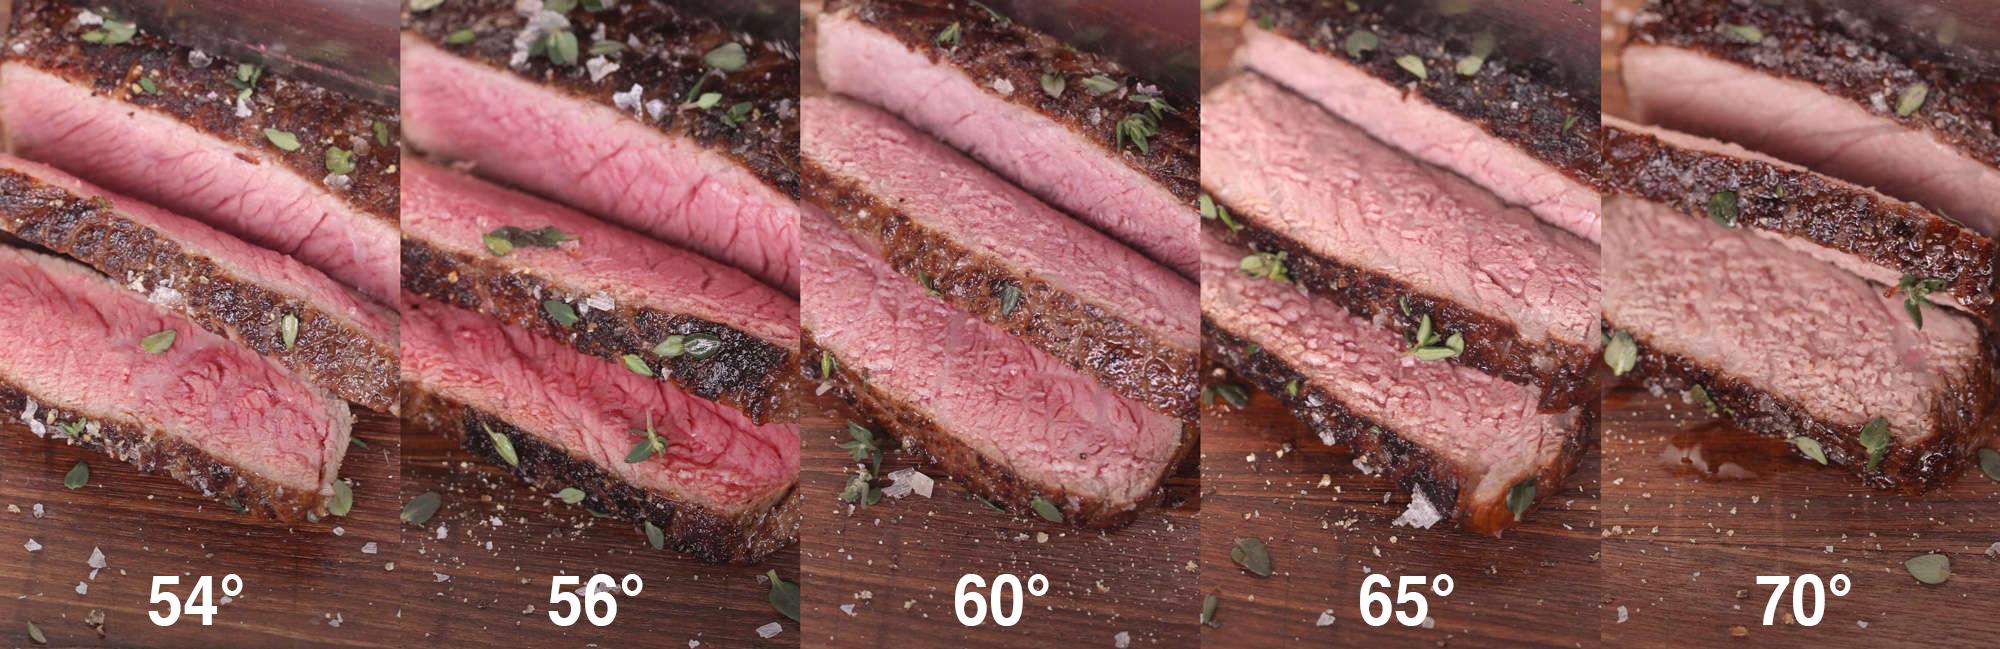 Cuocere in sottovuoto: diveri tipi di cottura a seconda della temperatura